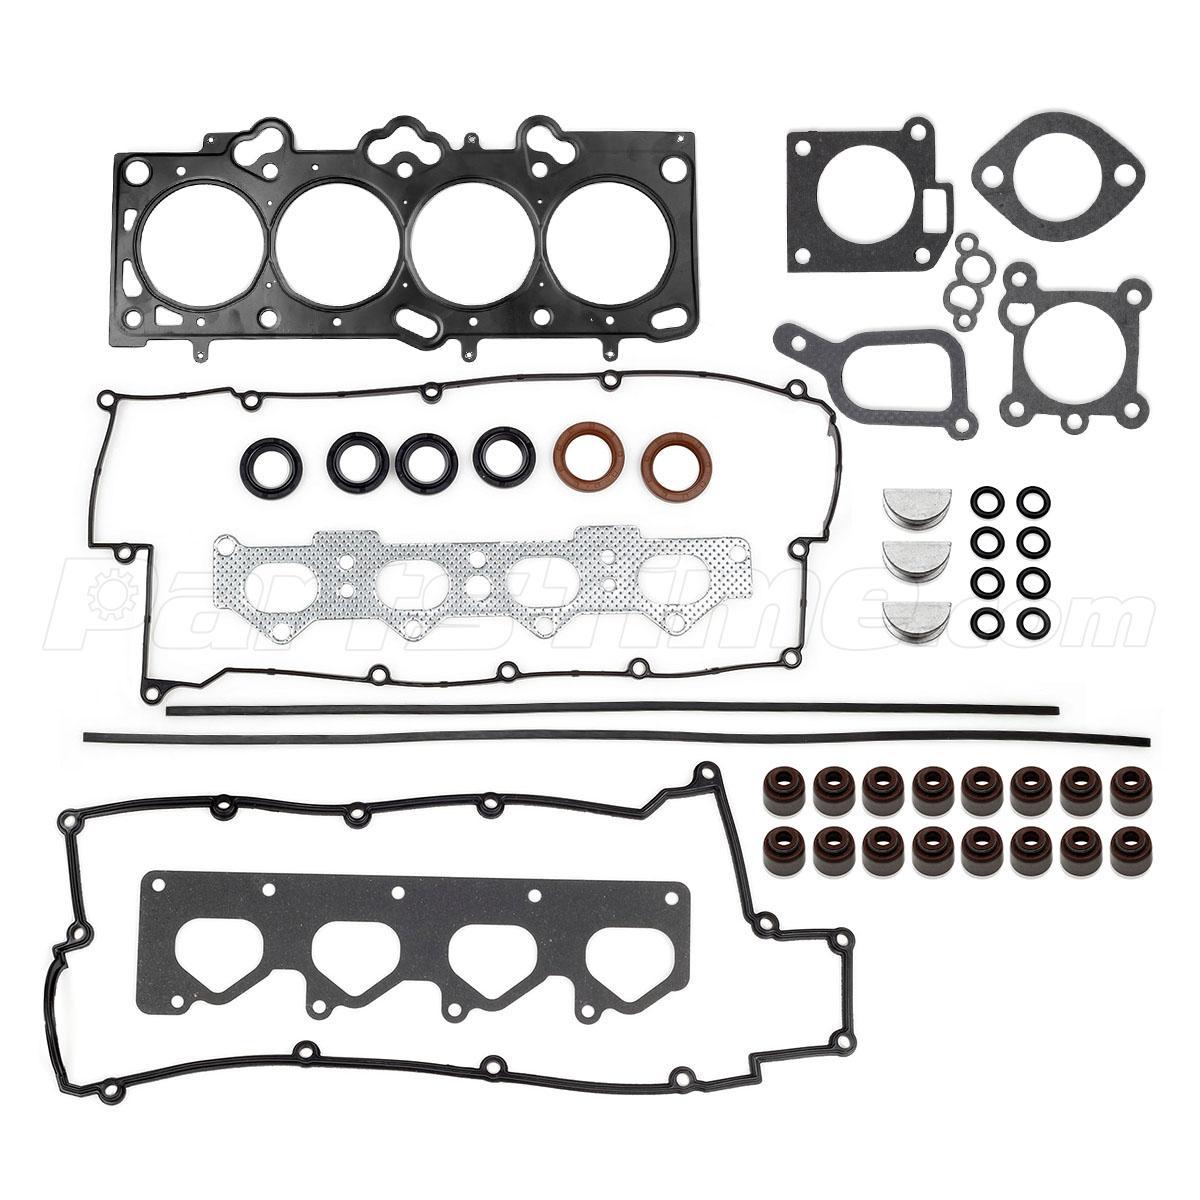 2010 Mazda Cx 9 Head Gasket: Fits 01-10 Hyundai Kit 2.0L G4GF G4GC Cylinder Head Gasket